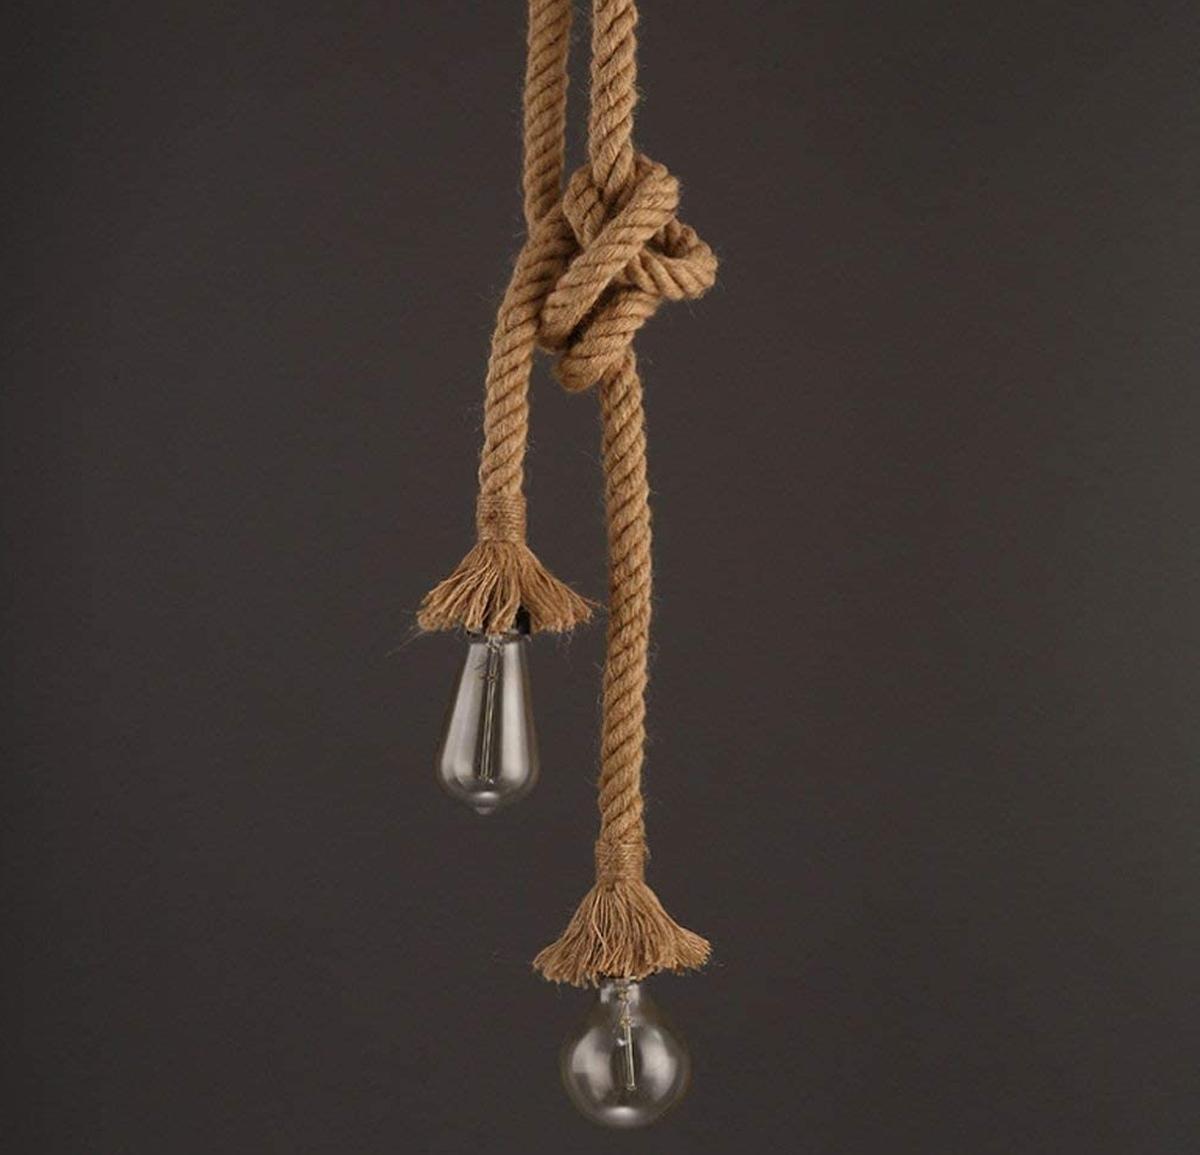 lampadario-doppia-testa-con-corda-di-canapa-realizzata-a-mano